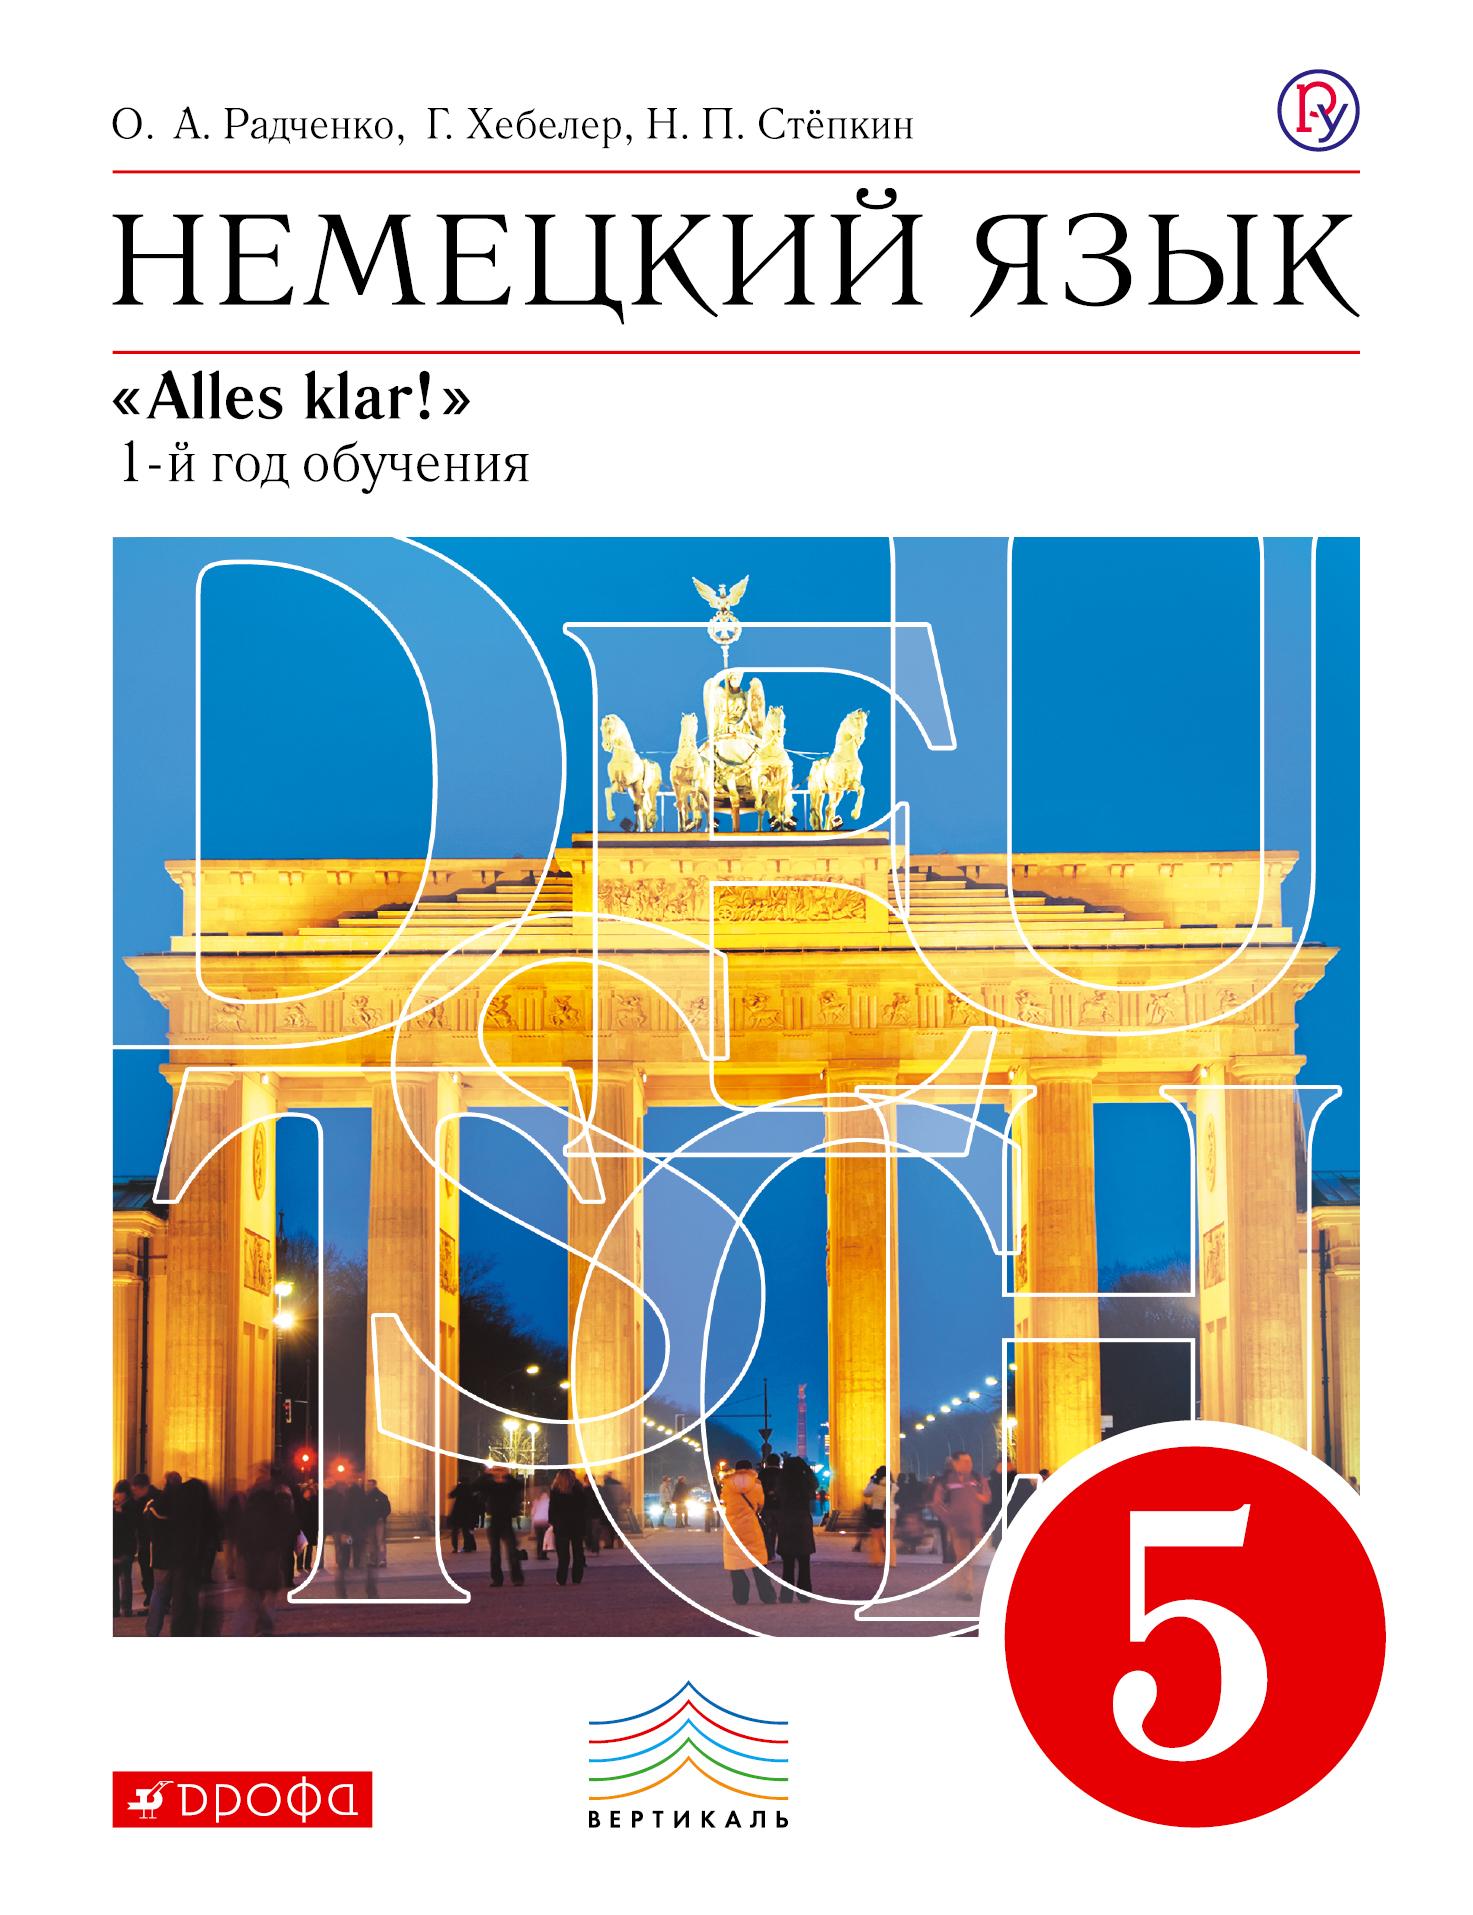 Решебник немецкий язык 6 класс хебелер 10 фотография